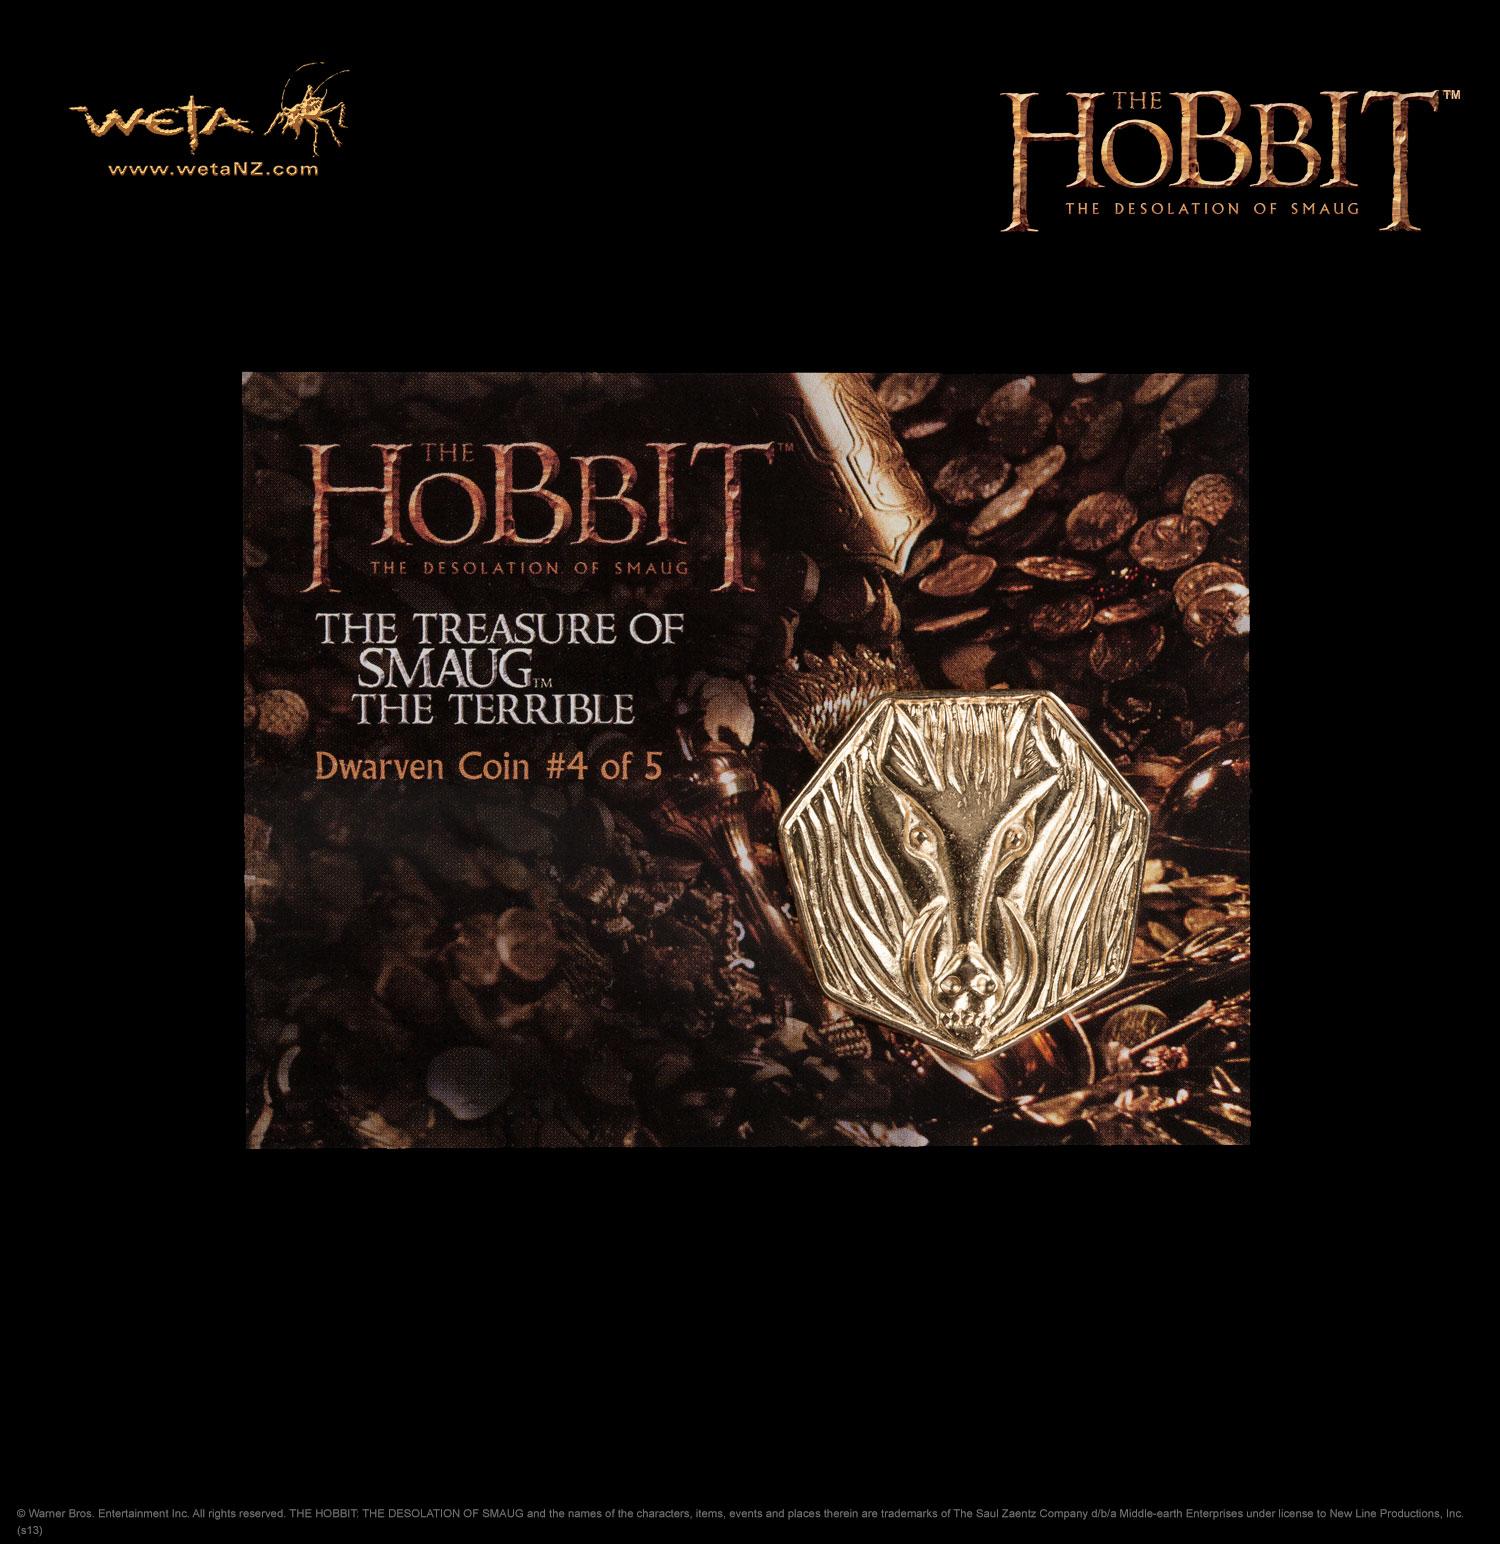 ホビット 竜に奪われた王国 スマウグの宝 コイン#4